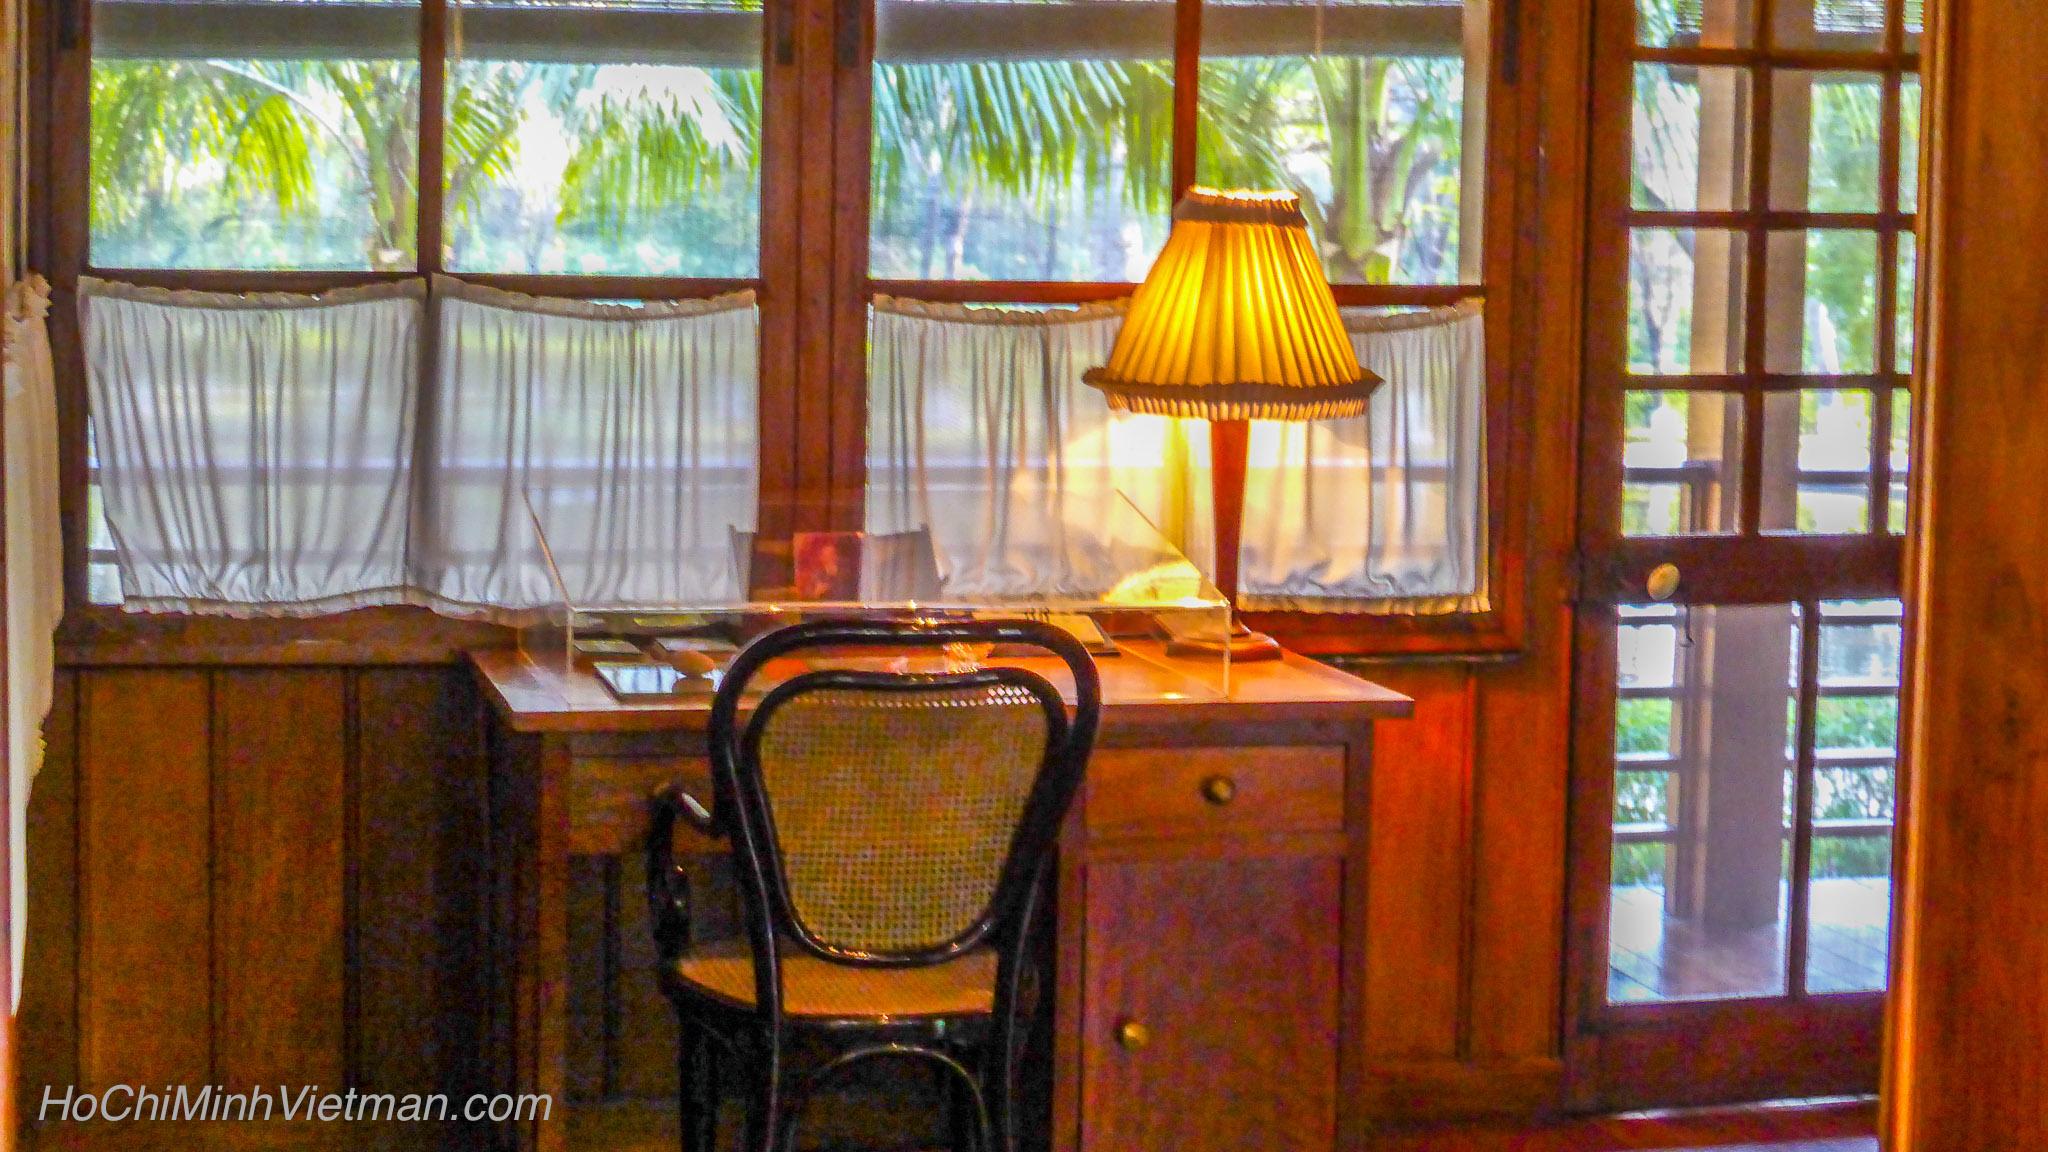 Ho Chi Minh S Stilt House In Hanoi Ho Chi Minh City